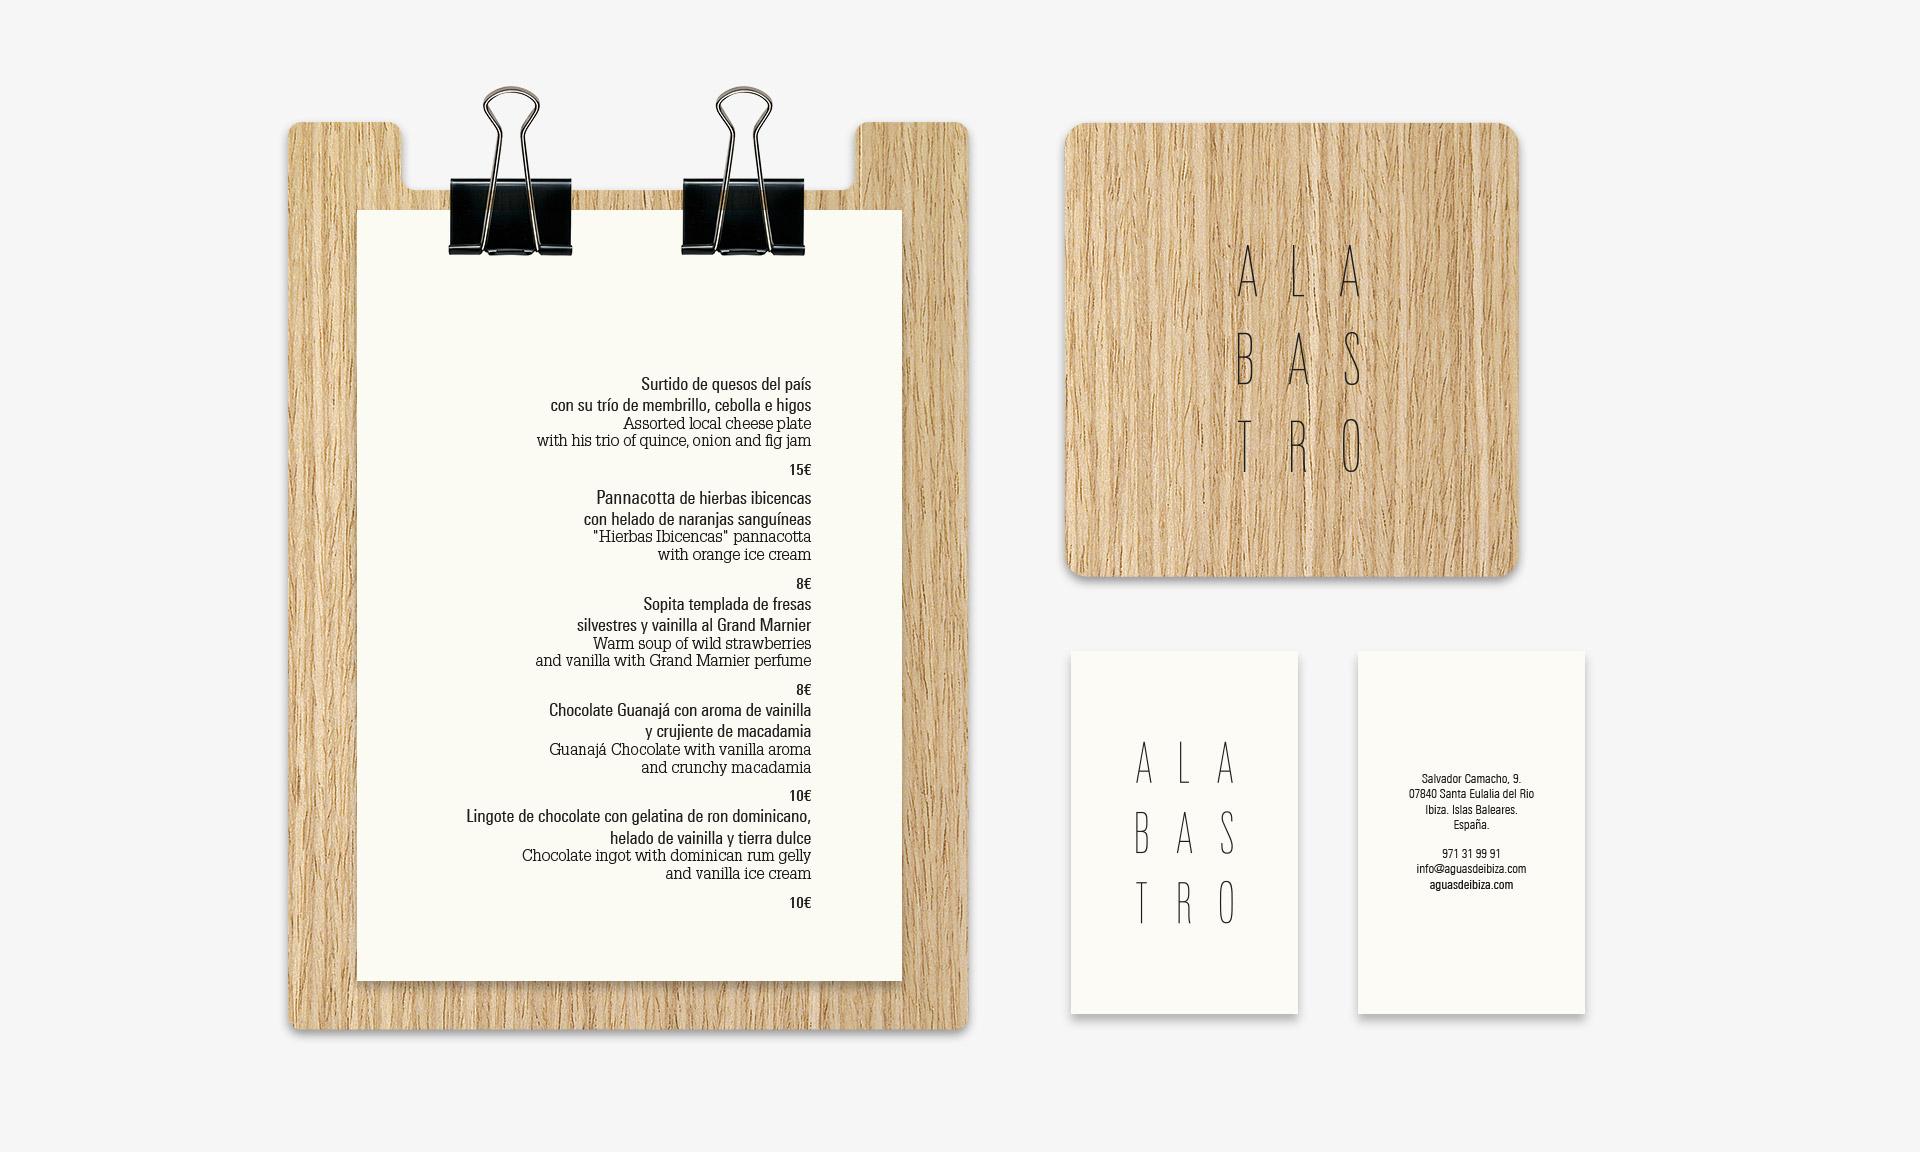 Aguas de Ibiza cartas Alabastro detalles